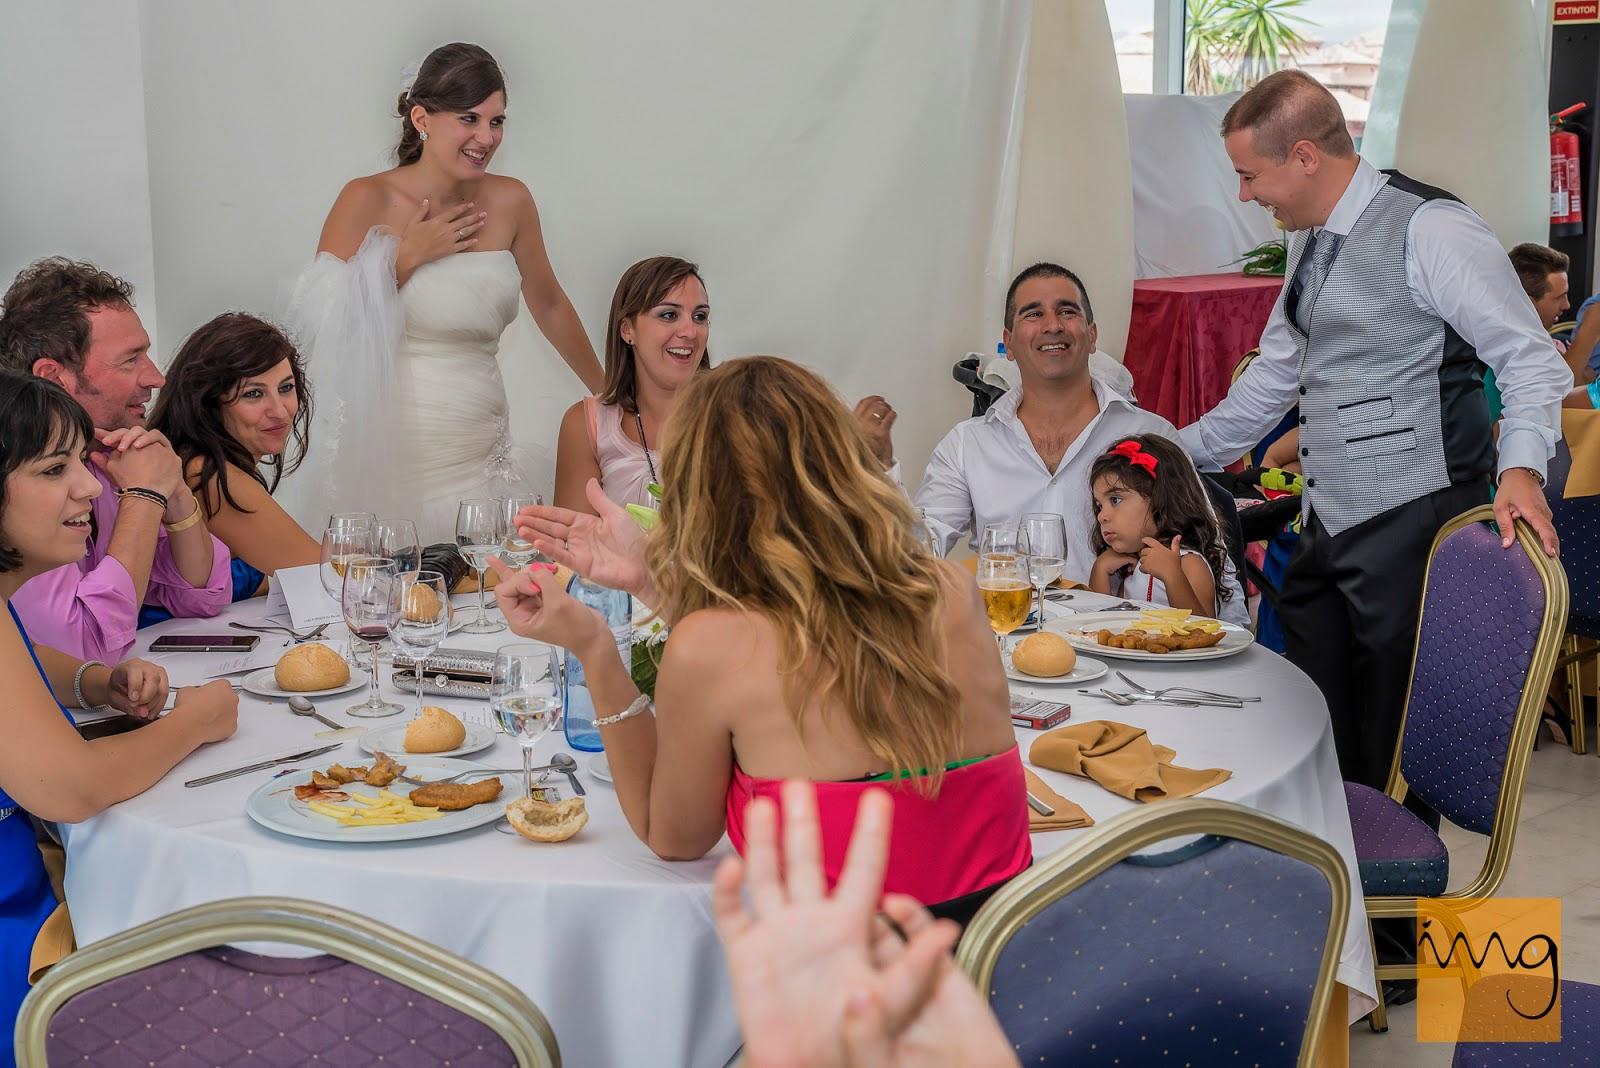 Fotografía de los novios pasándolo bien con los invitados